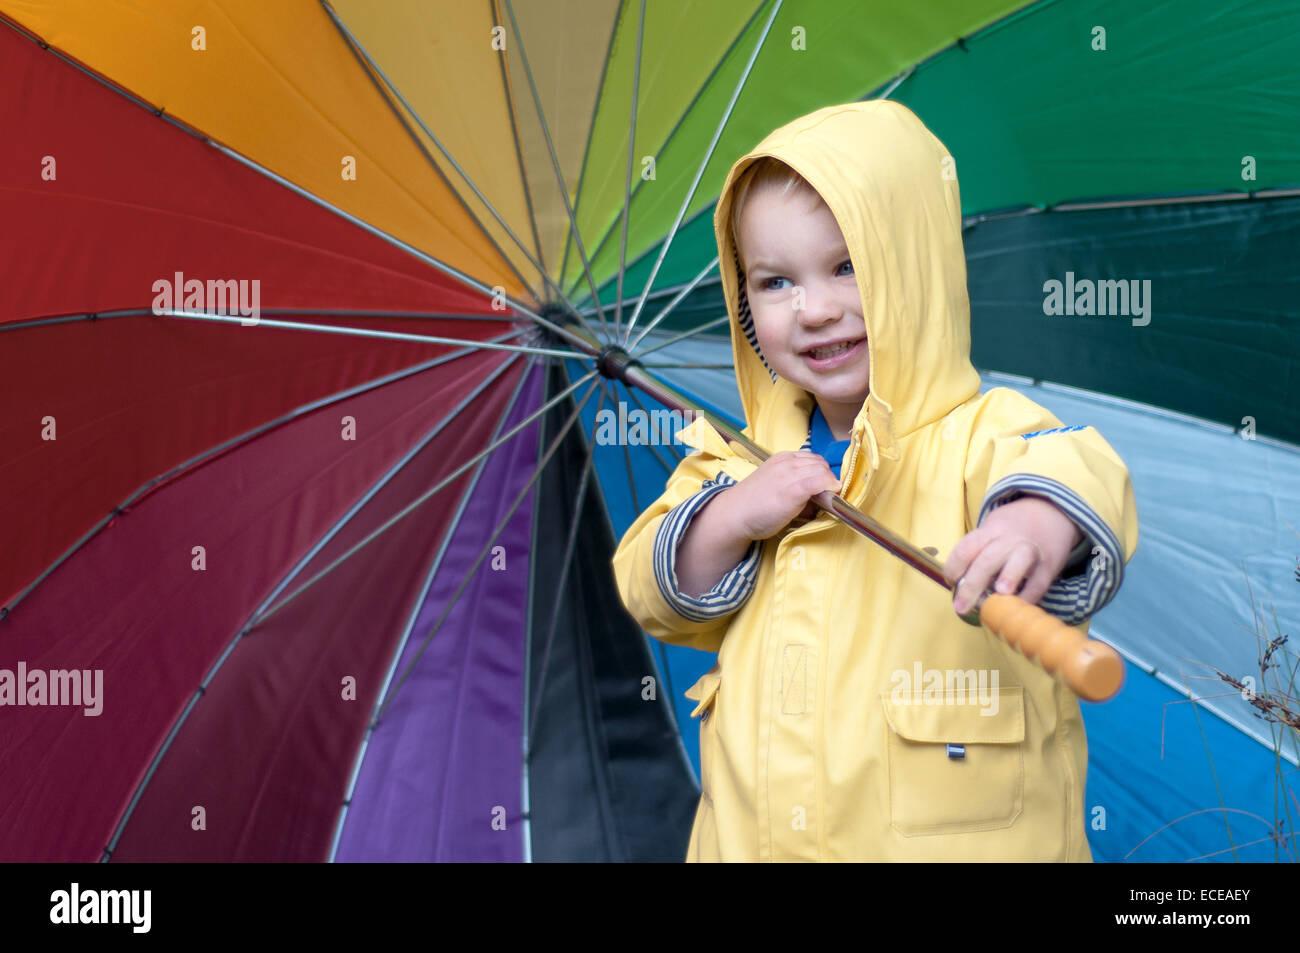 Garçon dans un manteau de pluie multicolores holding umbrella Photo Stock